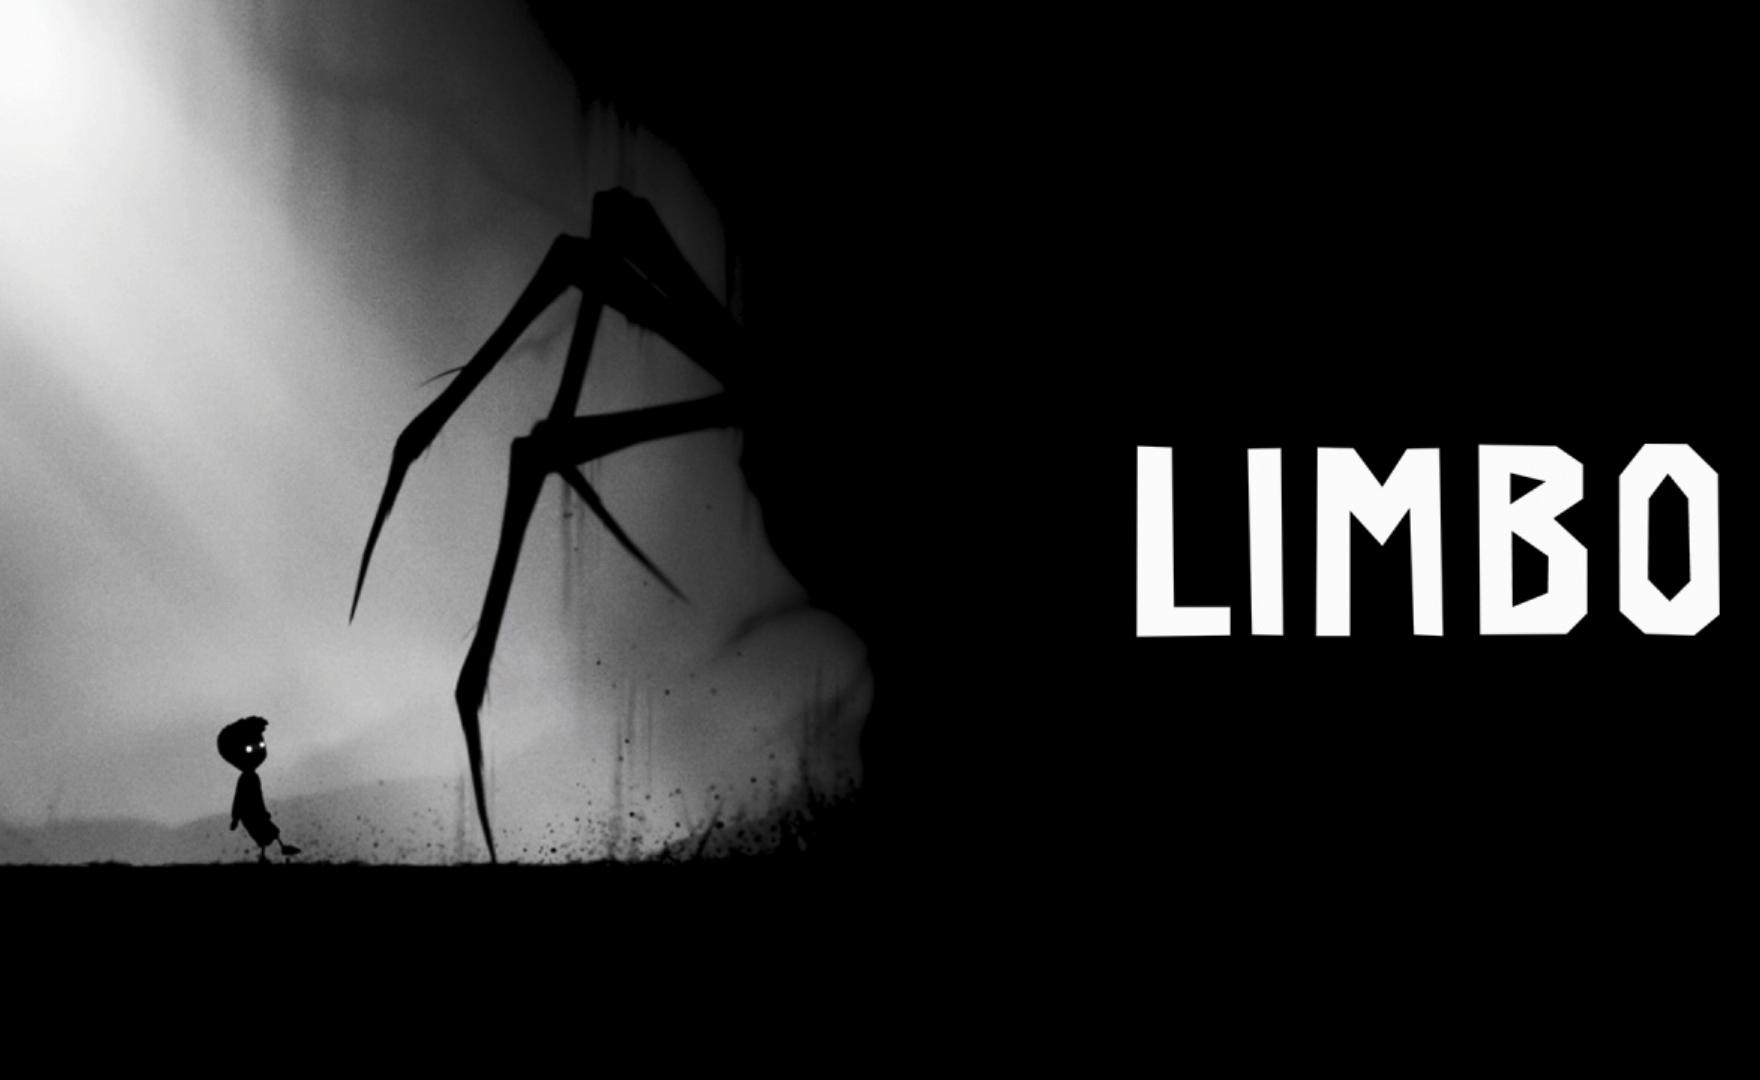 Limbo gratis su PC per un tempo limitato